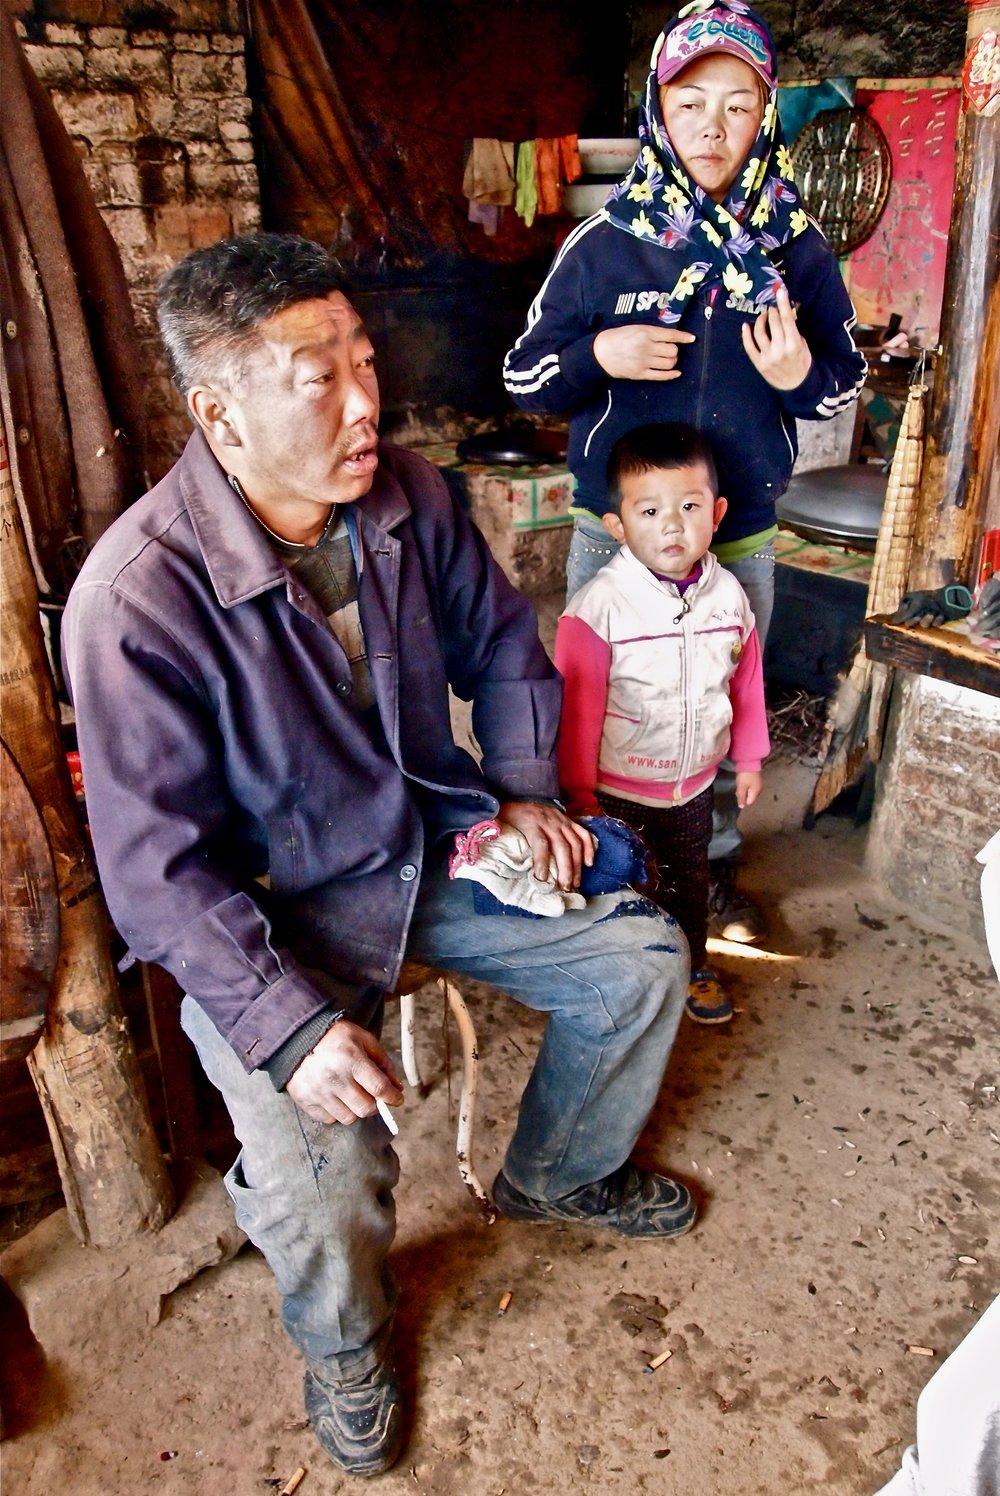 Liang Xi Quan (left) in his home in Qinglongshan, Heilongjian province, China. (C) Remko Tanis